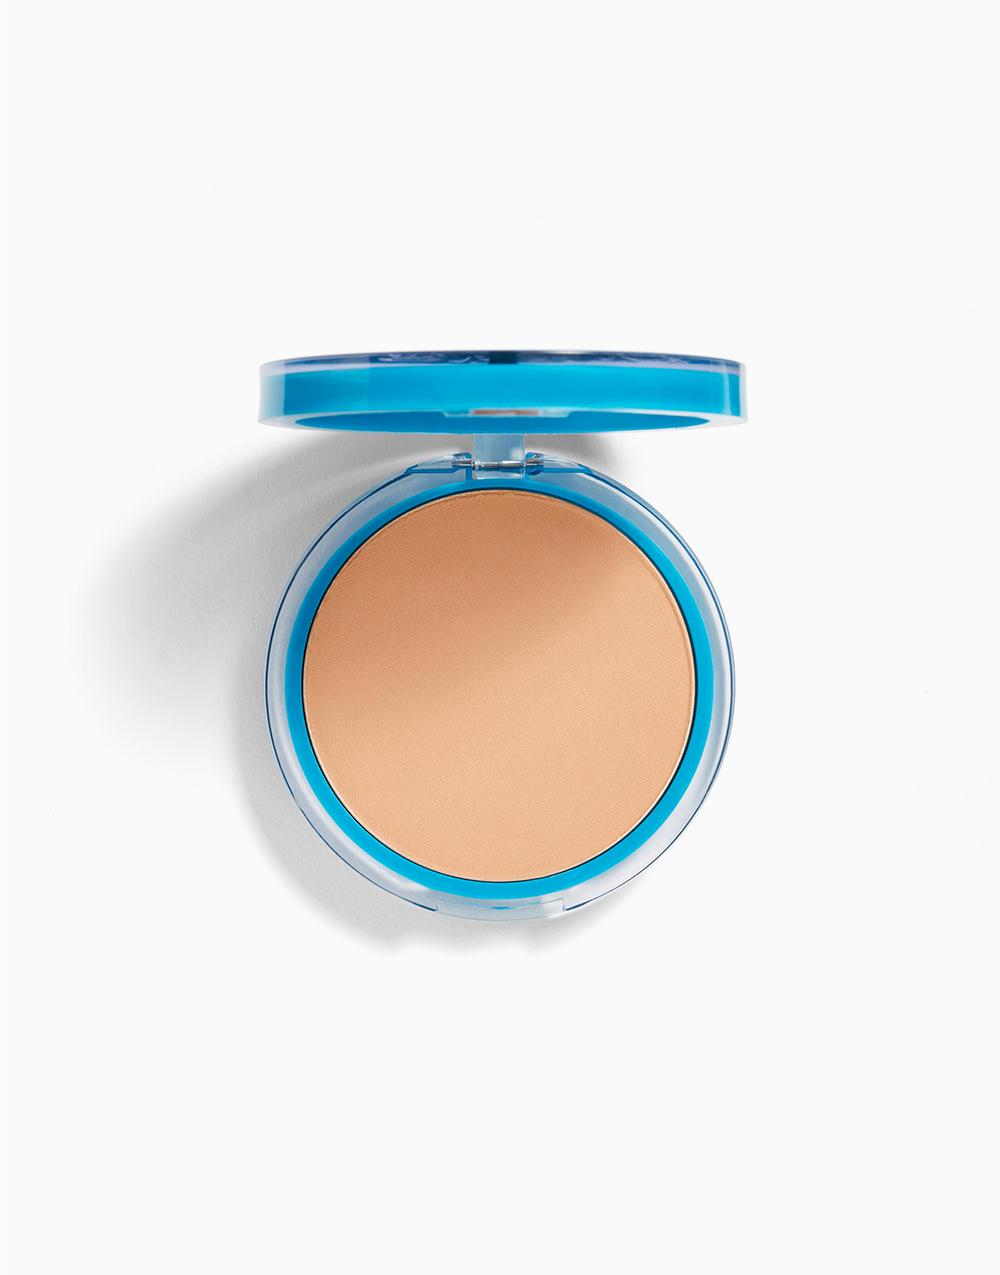 Clean Matte Pressed Powder by CoverGirl | WARM BEIGE 545